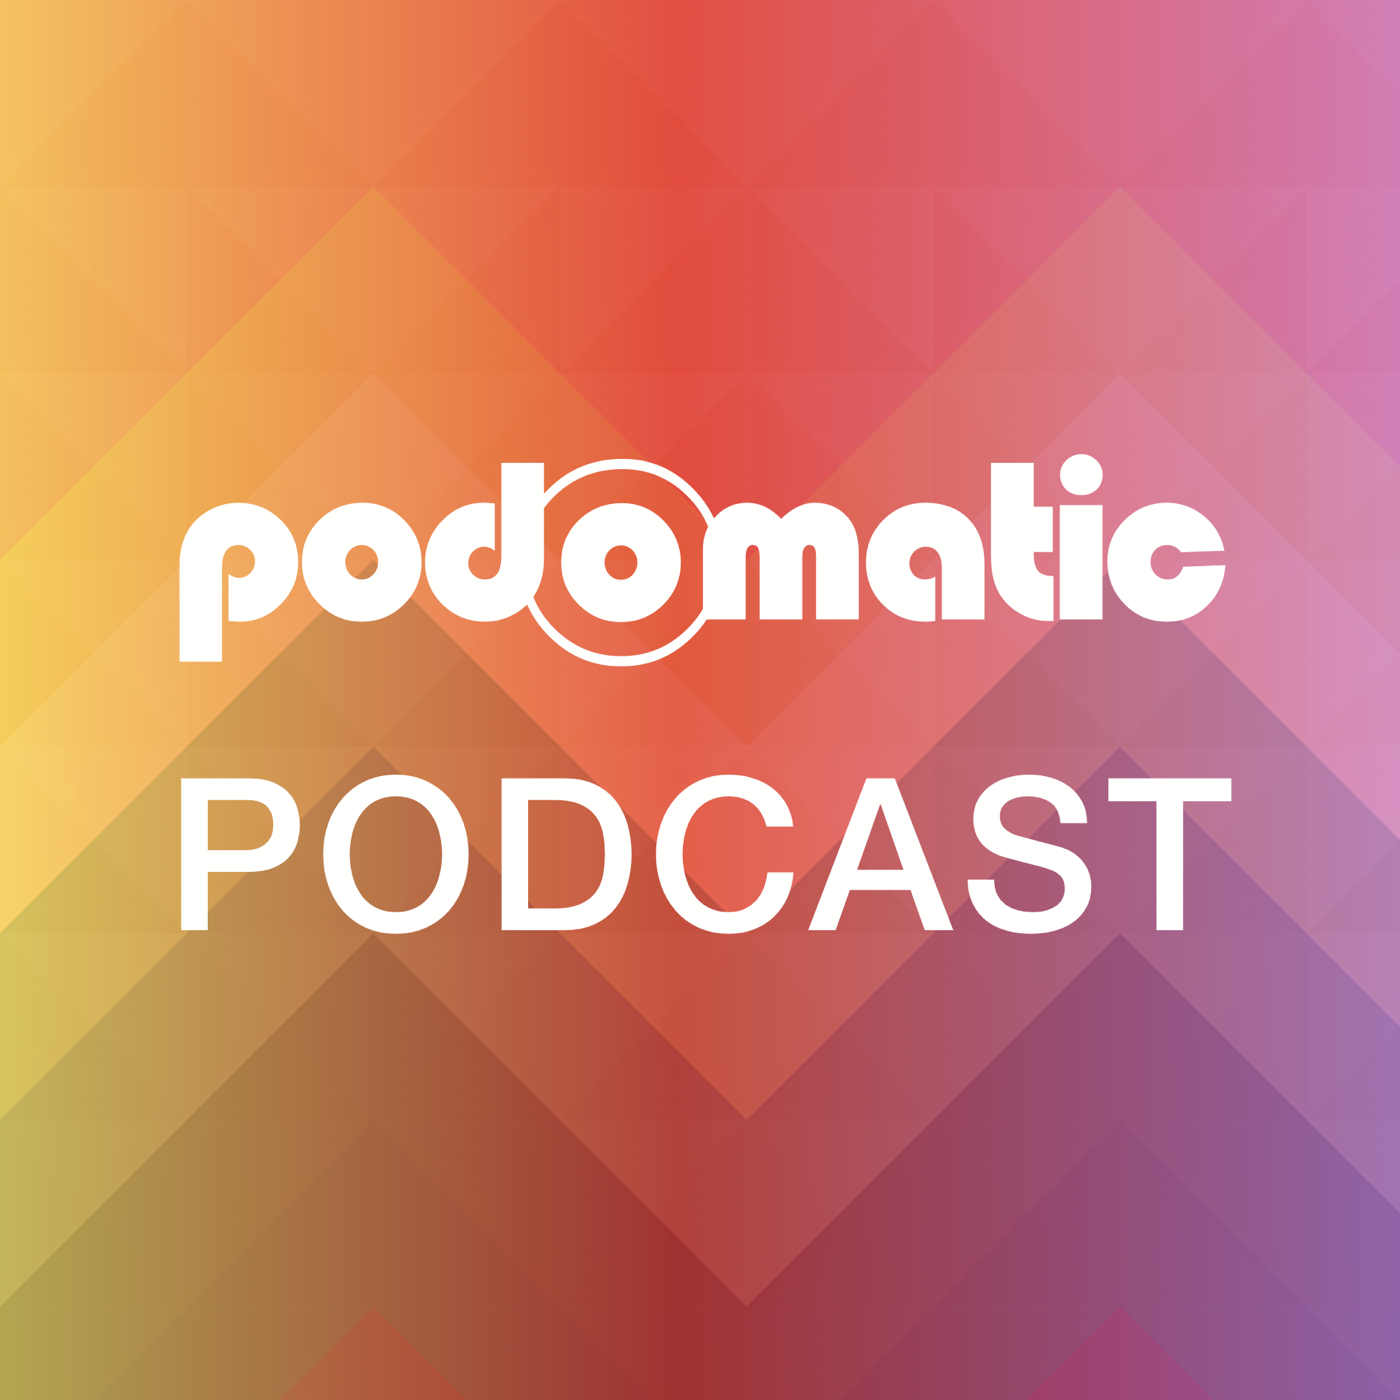 CoreyBoling's Podcast